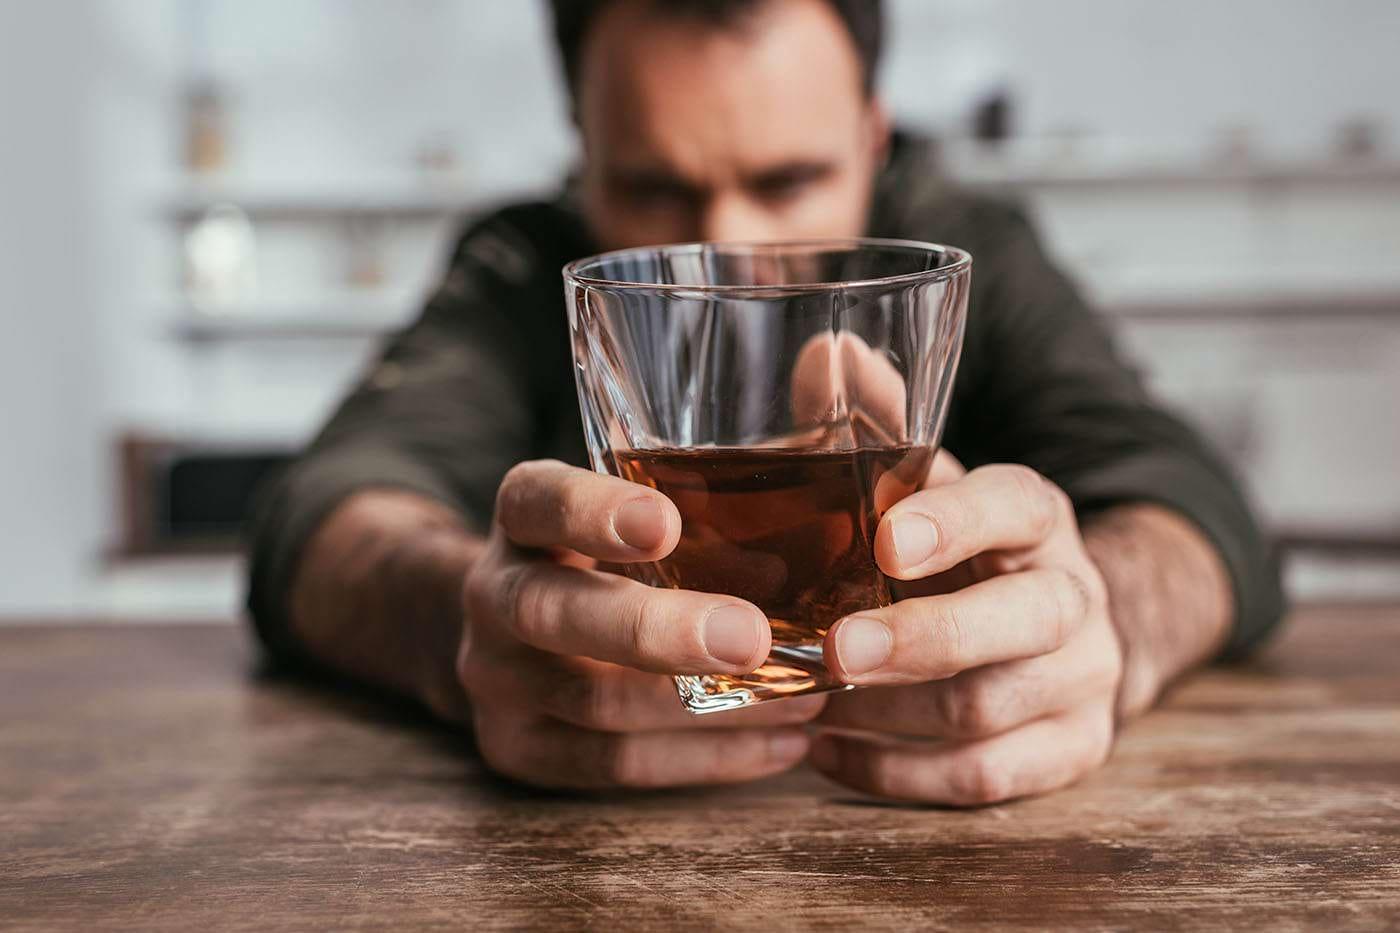 Depresia și anxietatea, factori de risc pentru creșterea consumului de alcool în pandemie [studiu]